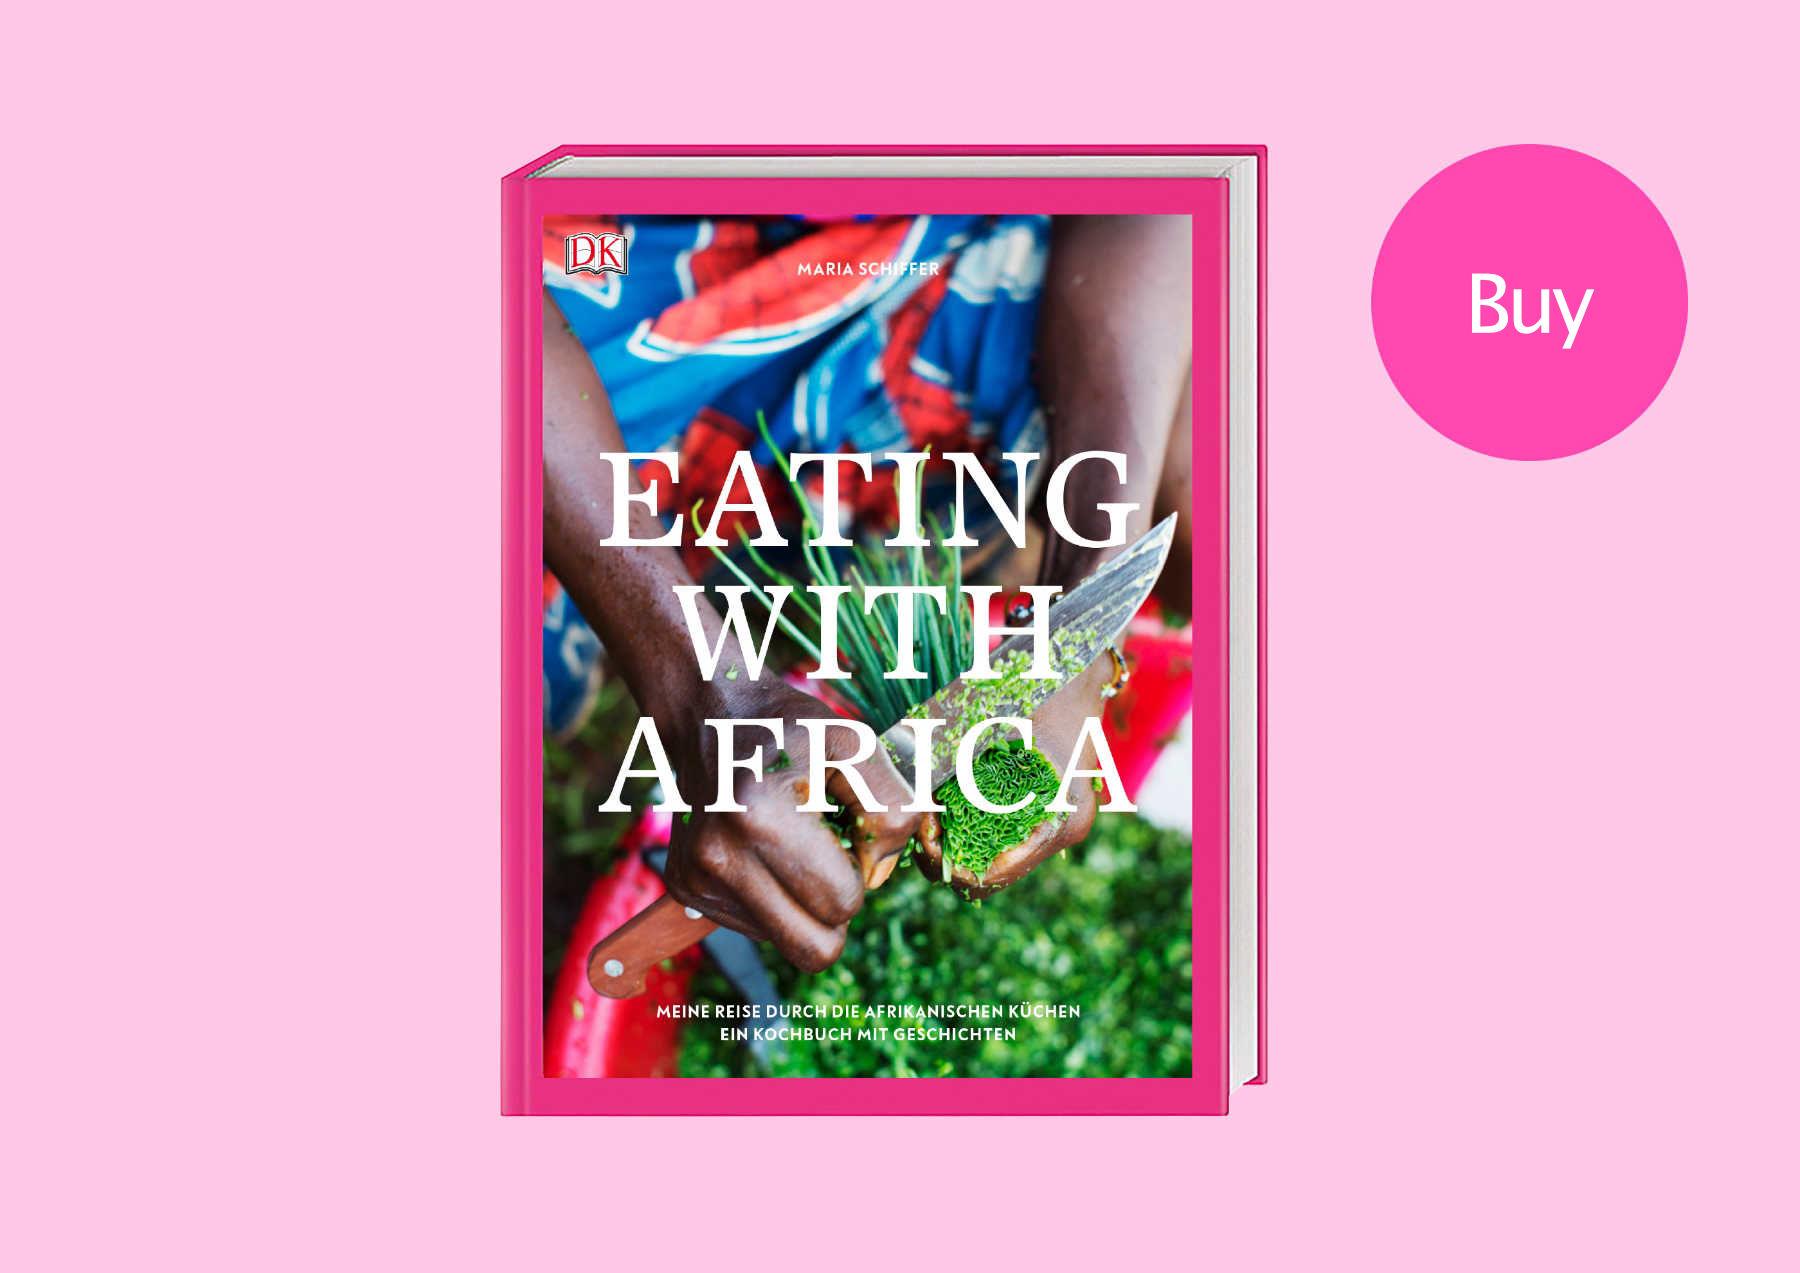 Das Afrika Kochbuch von Maria Schiffer